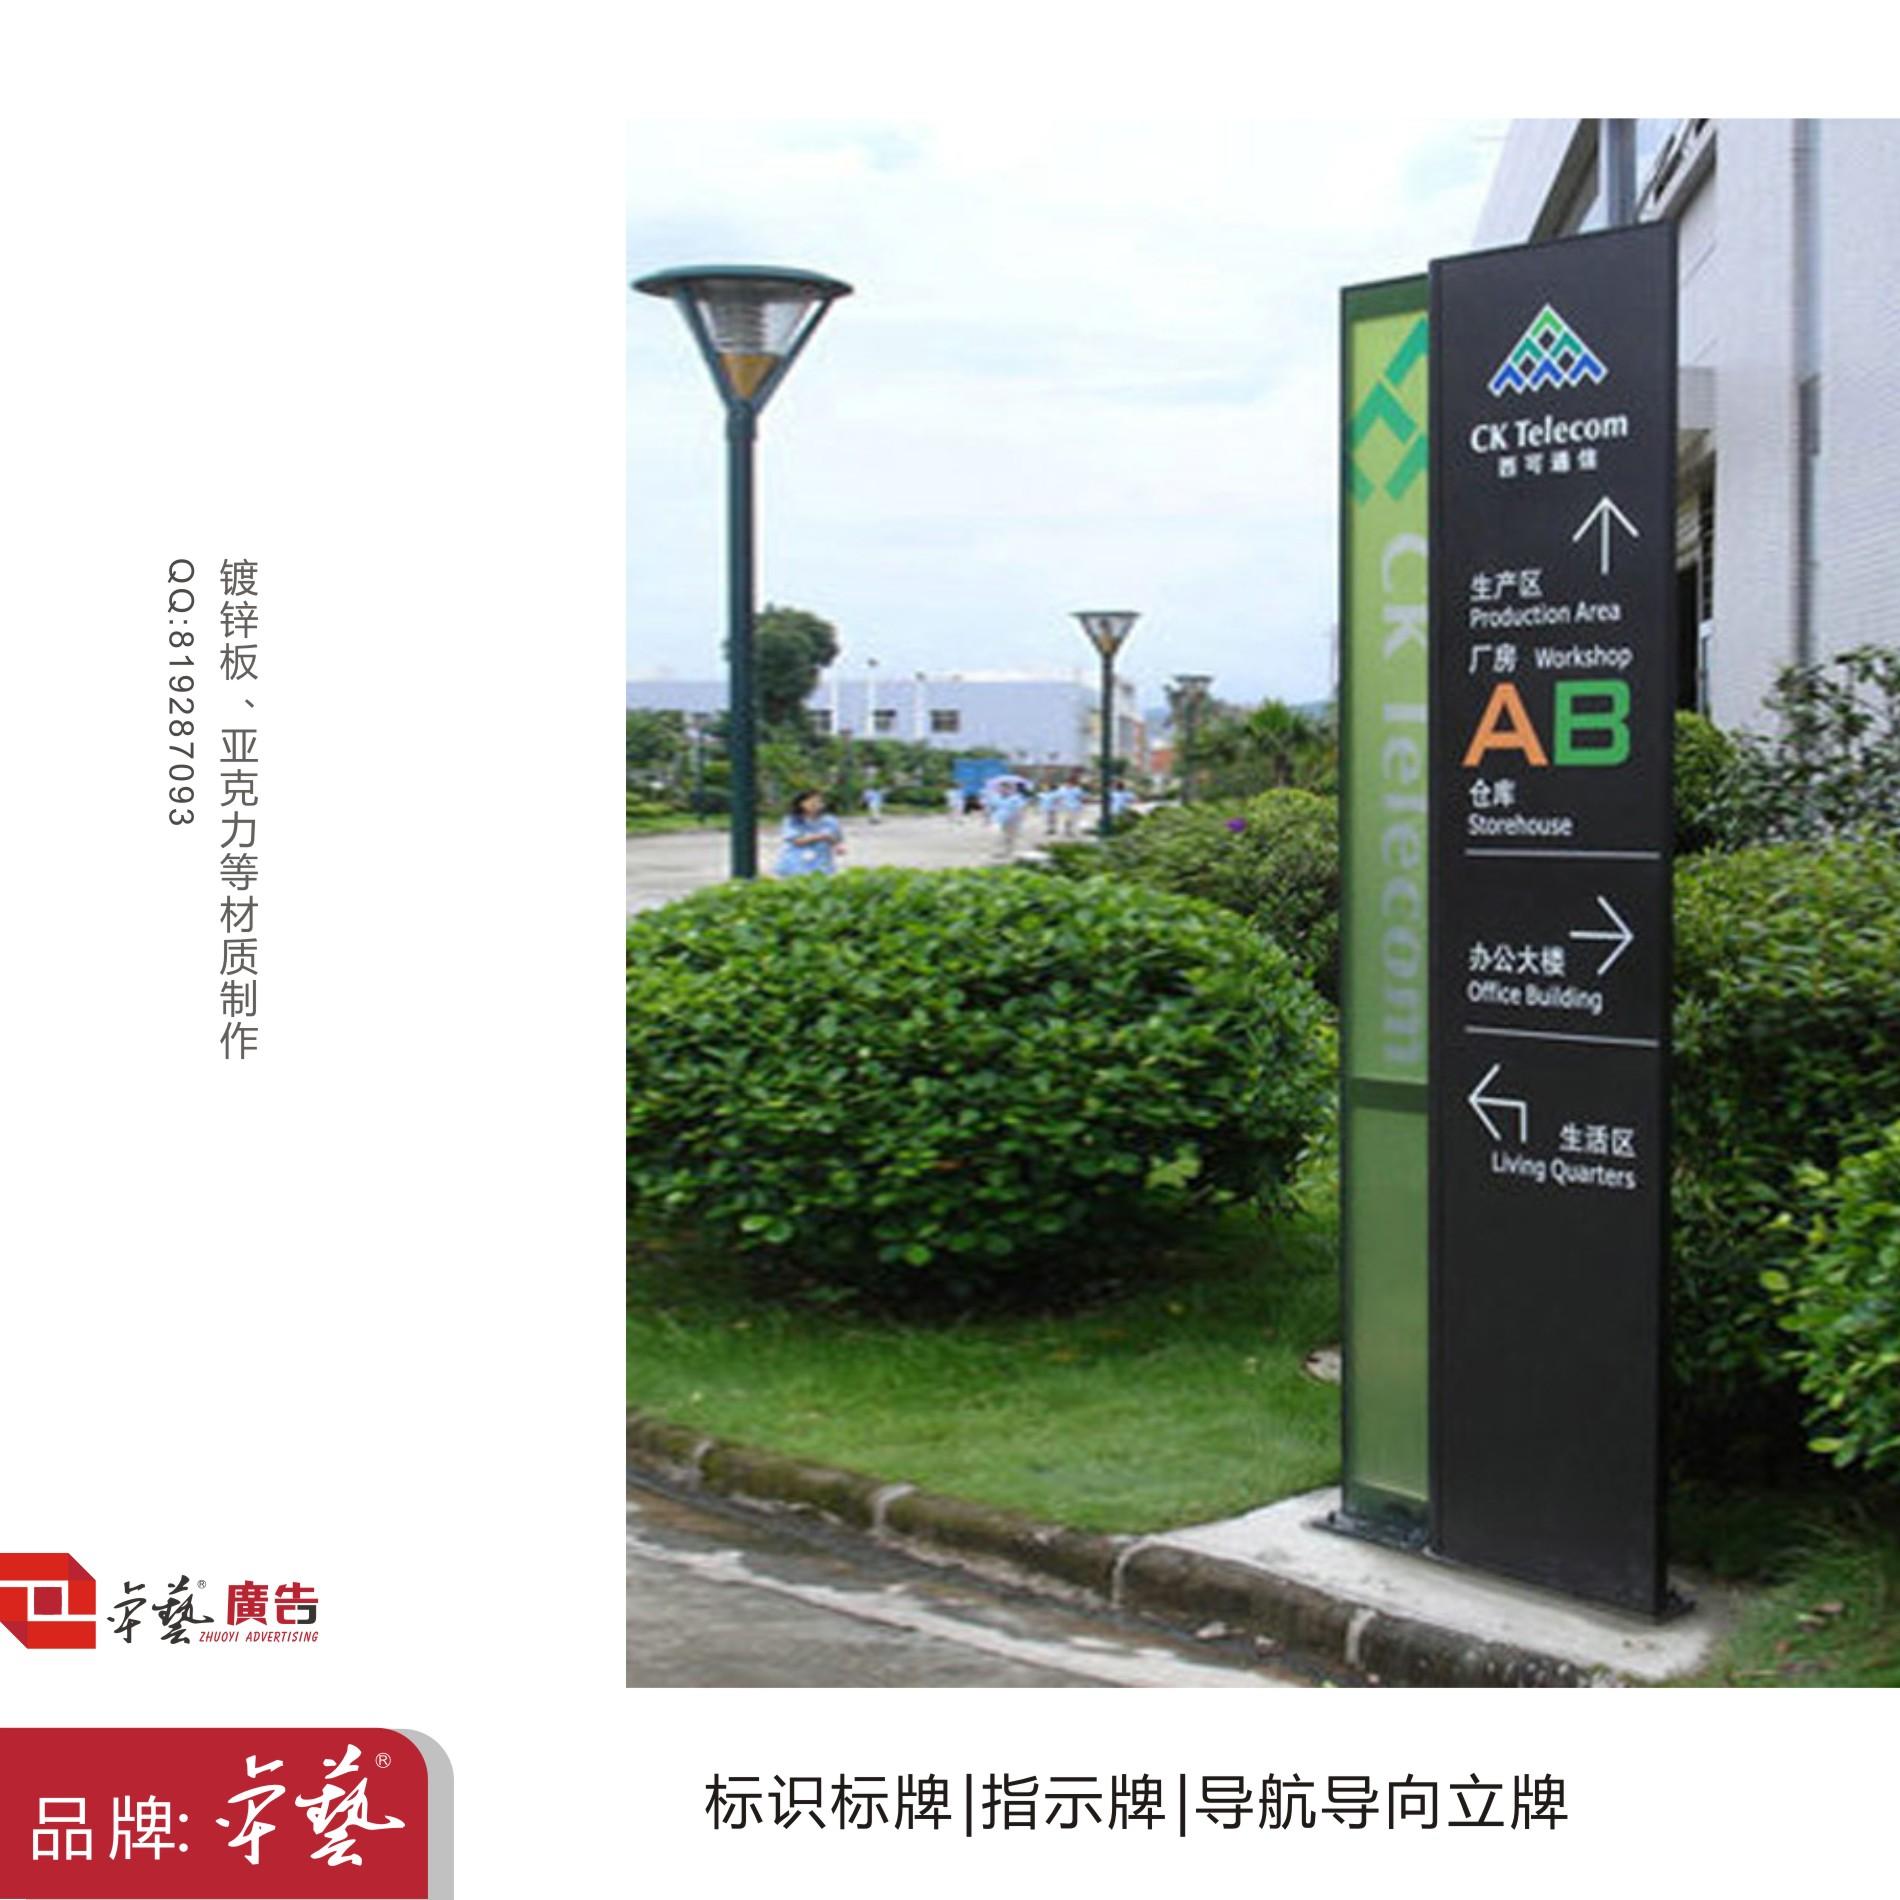 标识标牌酒店指示牌商场指示牌标牌导航标识广告制作惠州广告公司图片